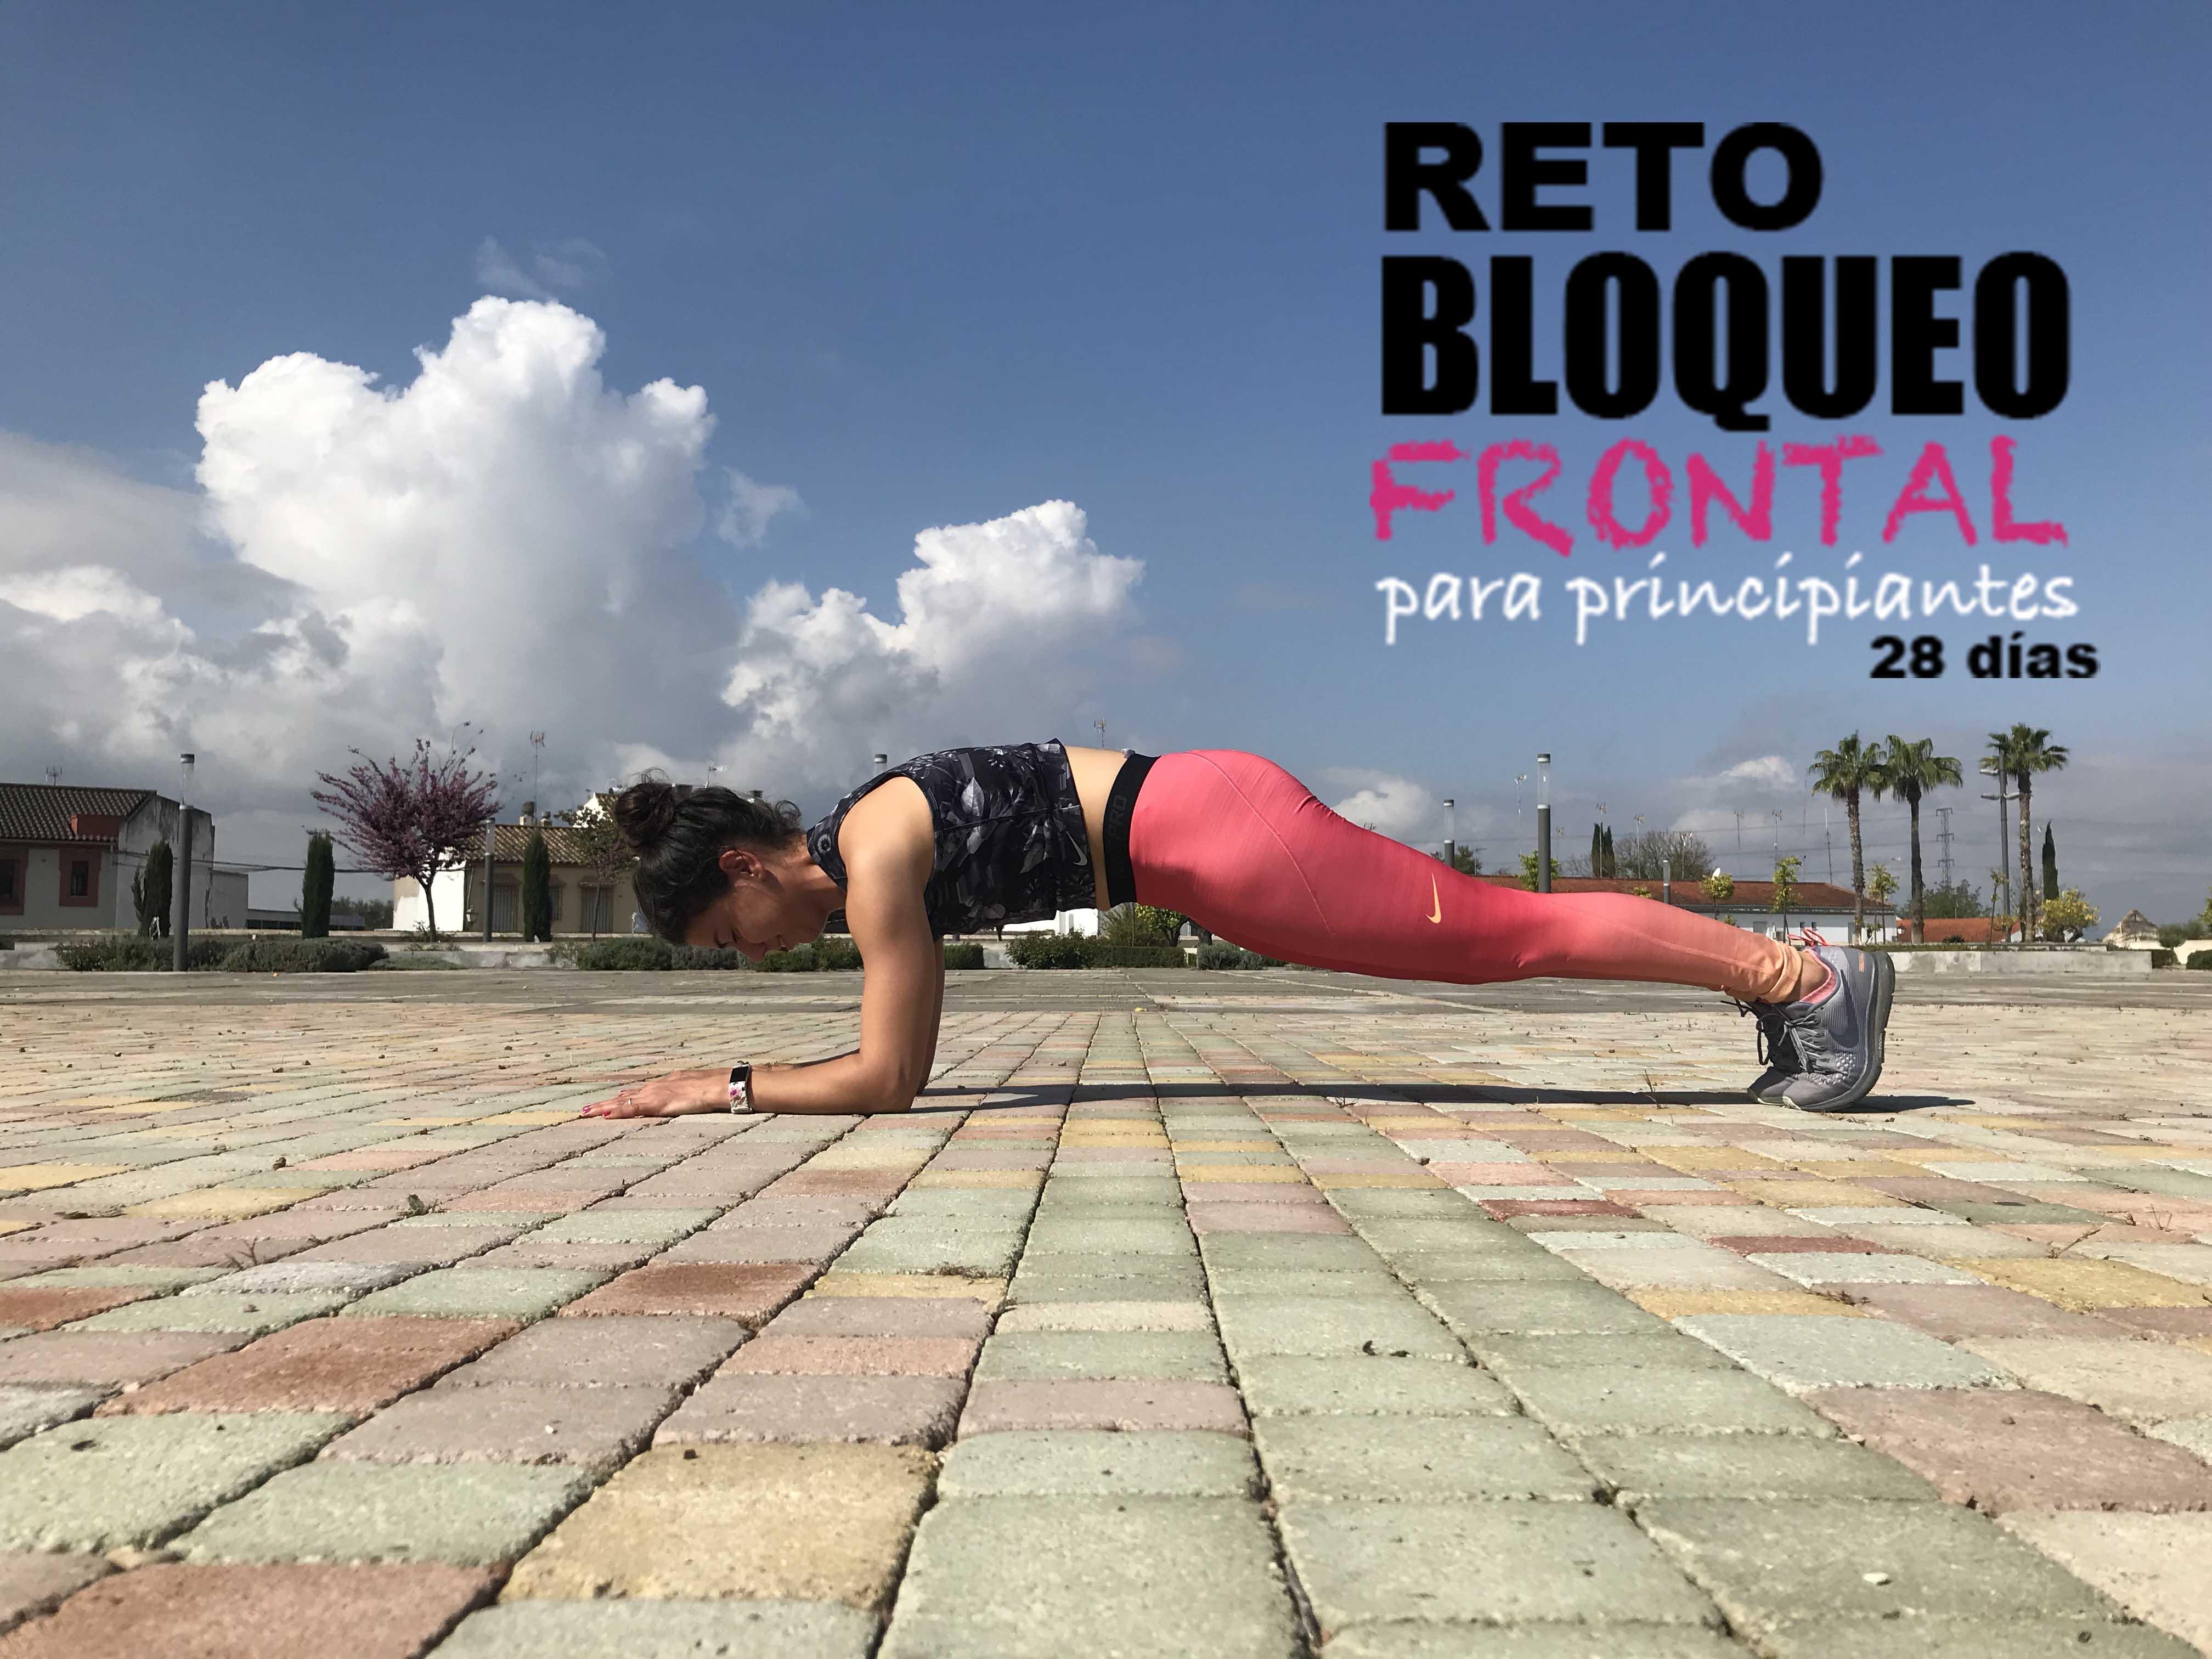 Reto mTraining – 1 minuto de bloqueo frontal en 28 días (principiantes)